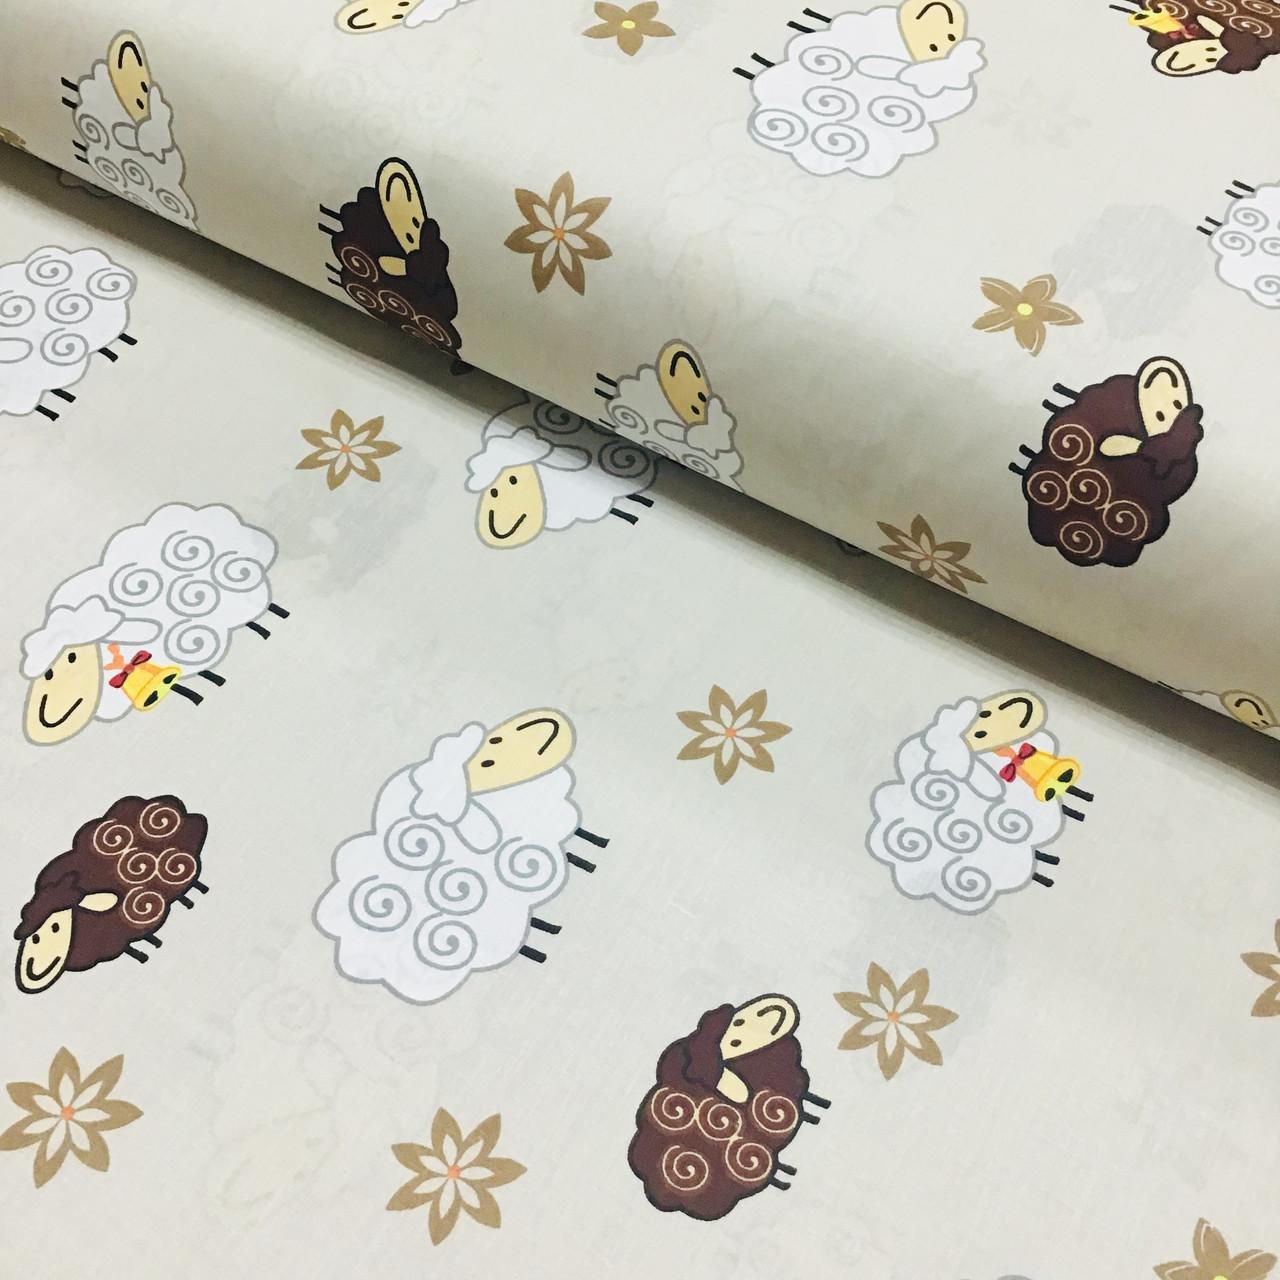 Ткань хлопковая бязь бело-коричневые барашки на бежевом (шир. 2,2 м)